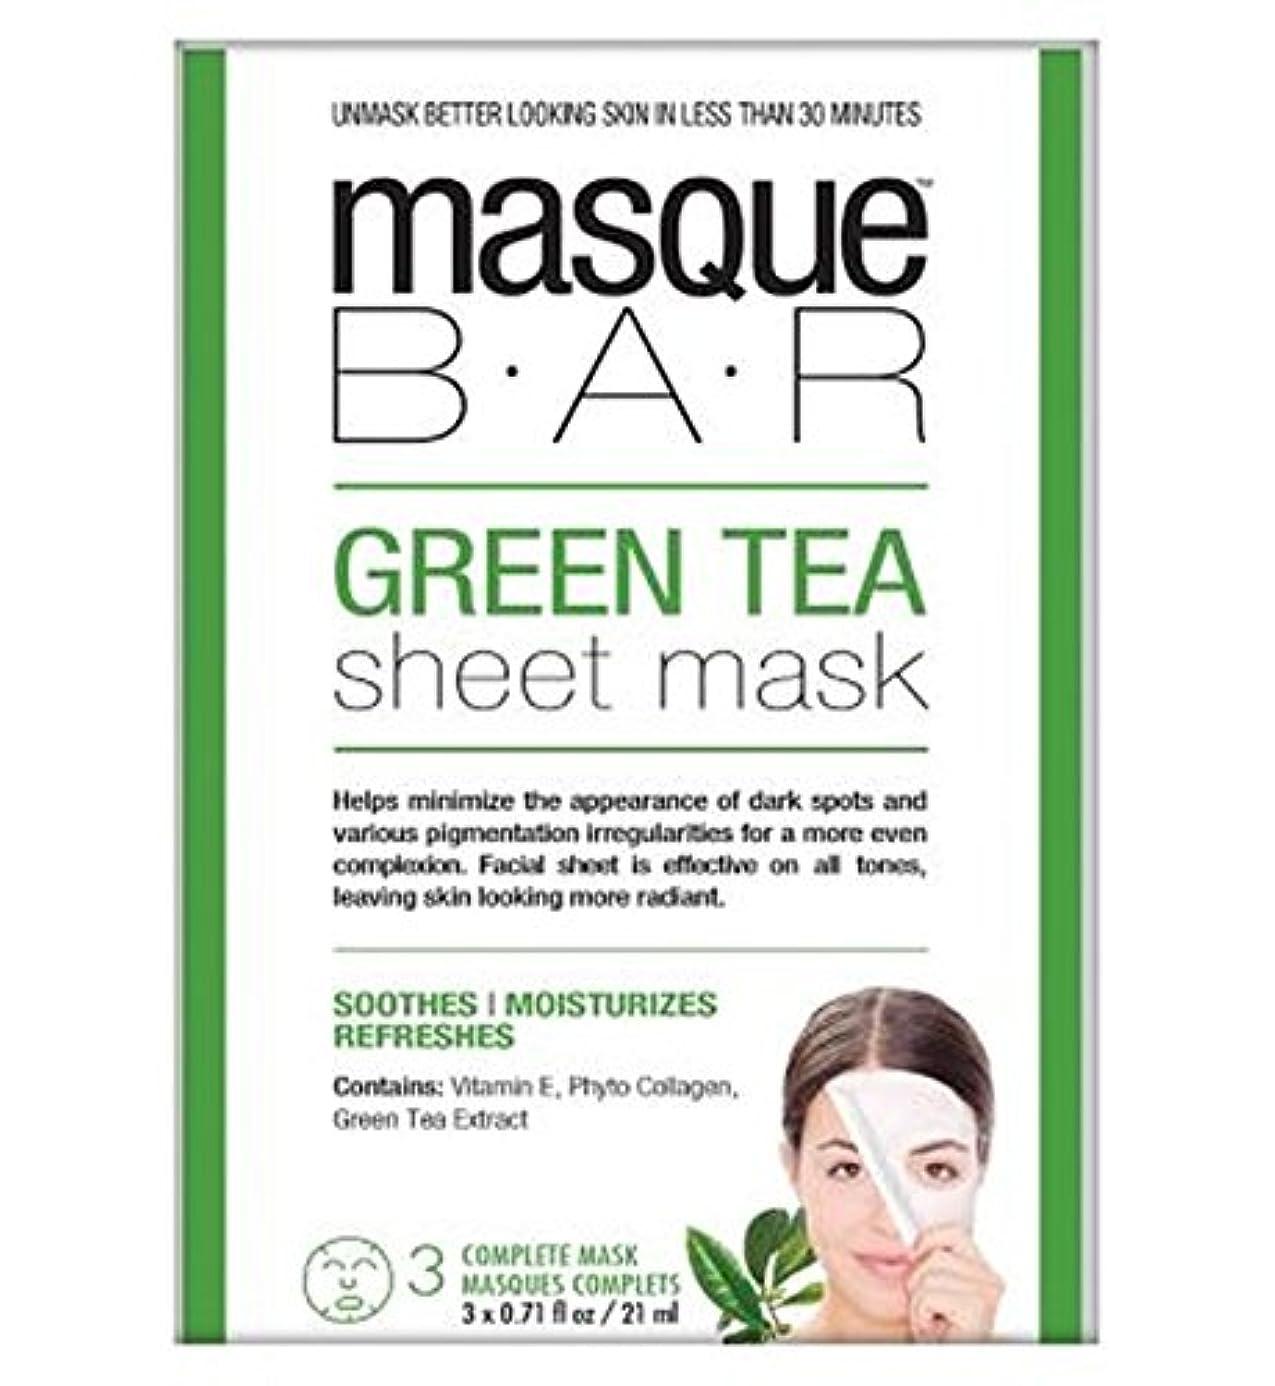 直径リスキーな再生的Masque Bar Green Tea Sheet Mask - 3 complete masks - 仮面劇バー緑茶シートマスク - 3完全なマスク (P6B Masque Bar Bt) [並行輸入品]